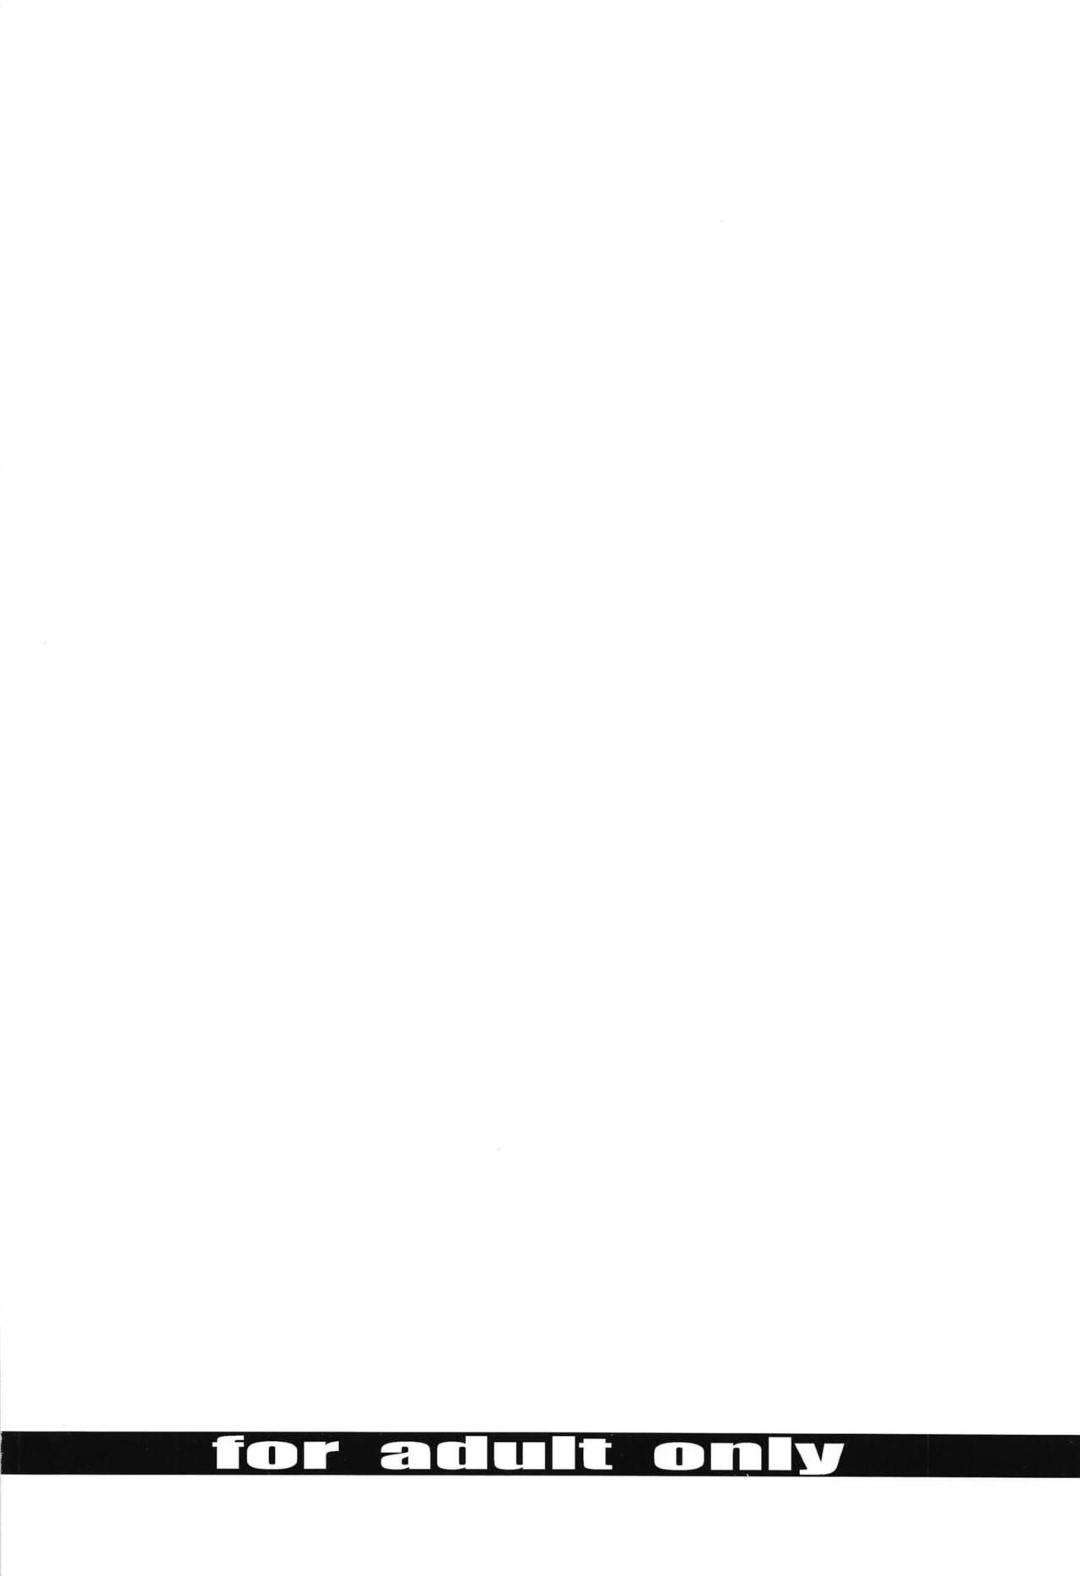 【エロ同人誌】忍を犯す変態鬼に触手責めにされてしまうカナヲ。全身無数の触手で刺激されて感じまくり二穴同時種付け陵辱異種レイプされて泣き顔絶頂堕ち【鬼滅の刃】